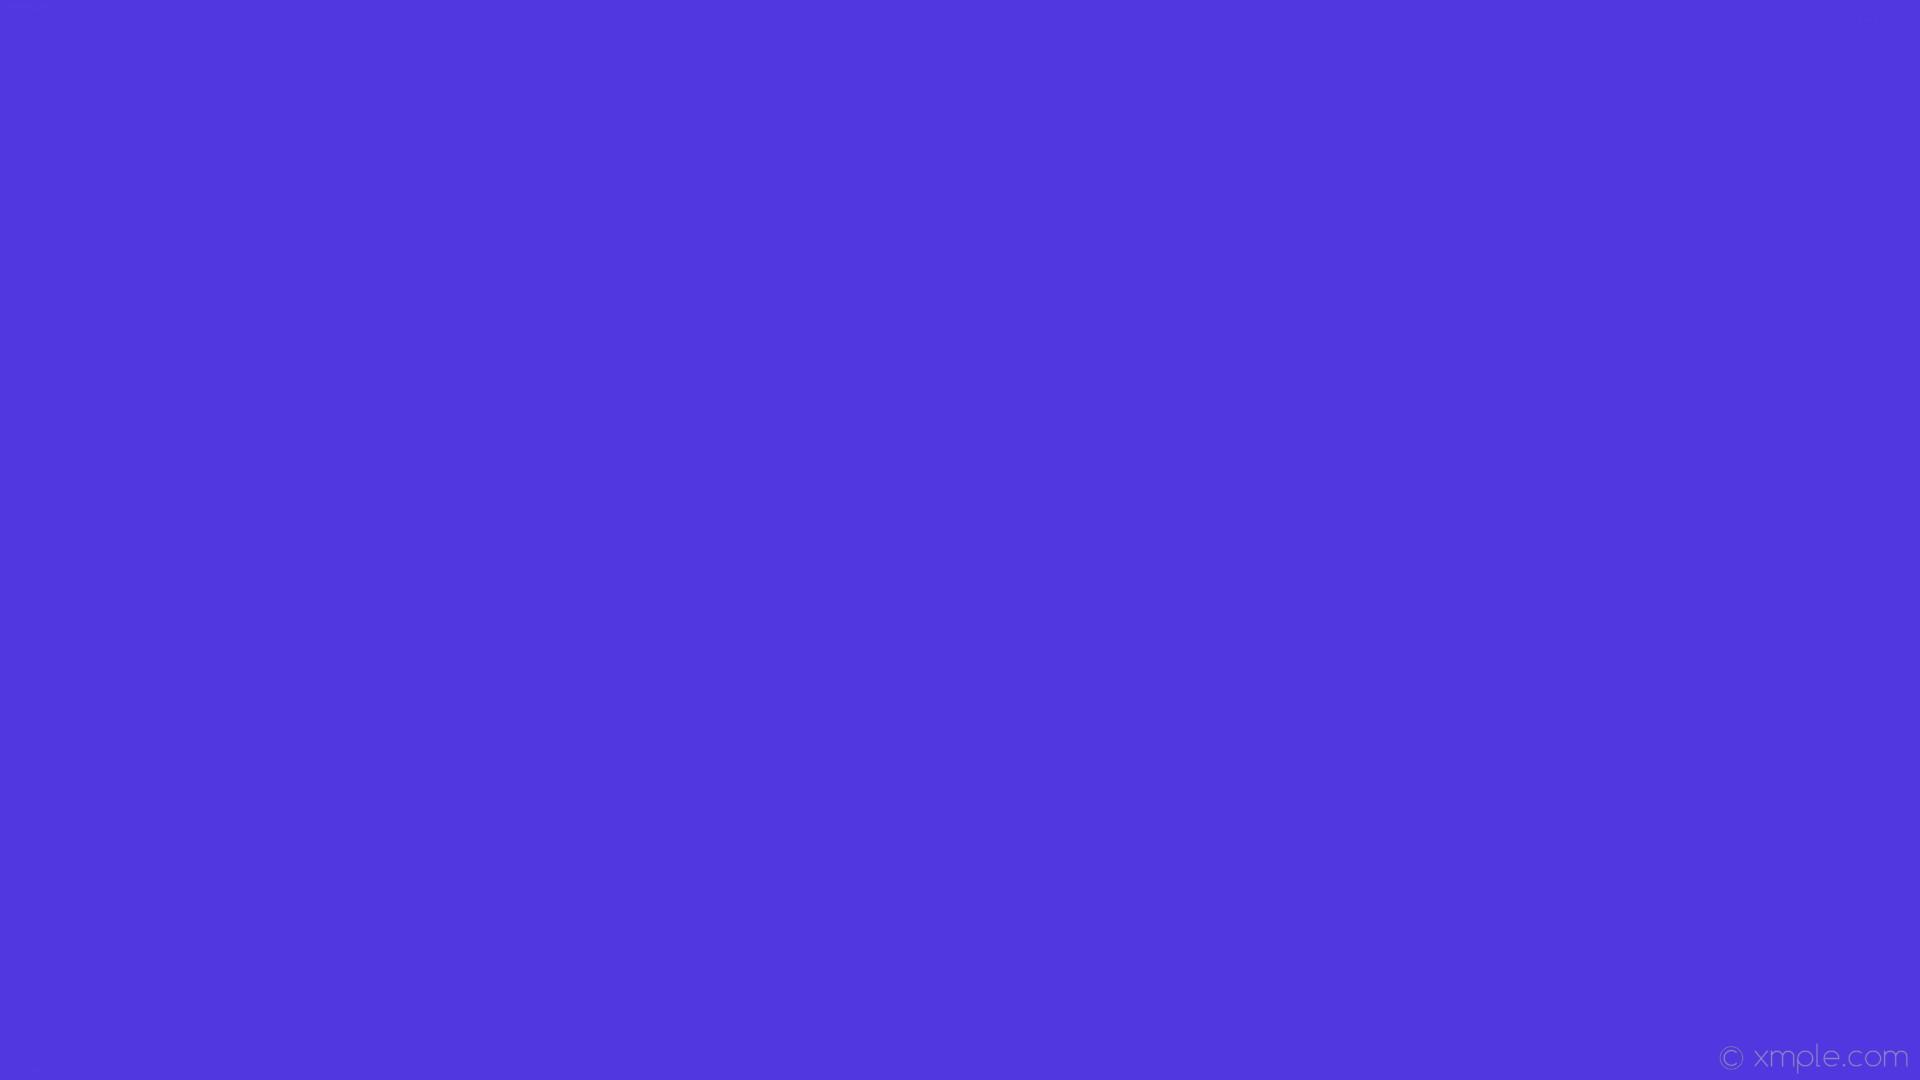 wallpaper solid color one colour blue single plain #5037e0